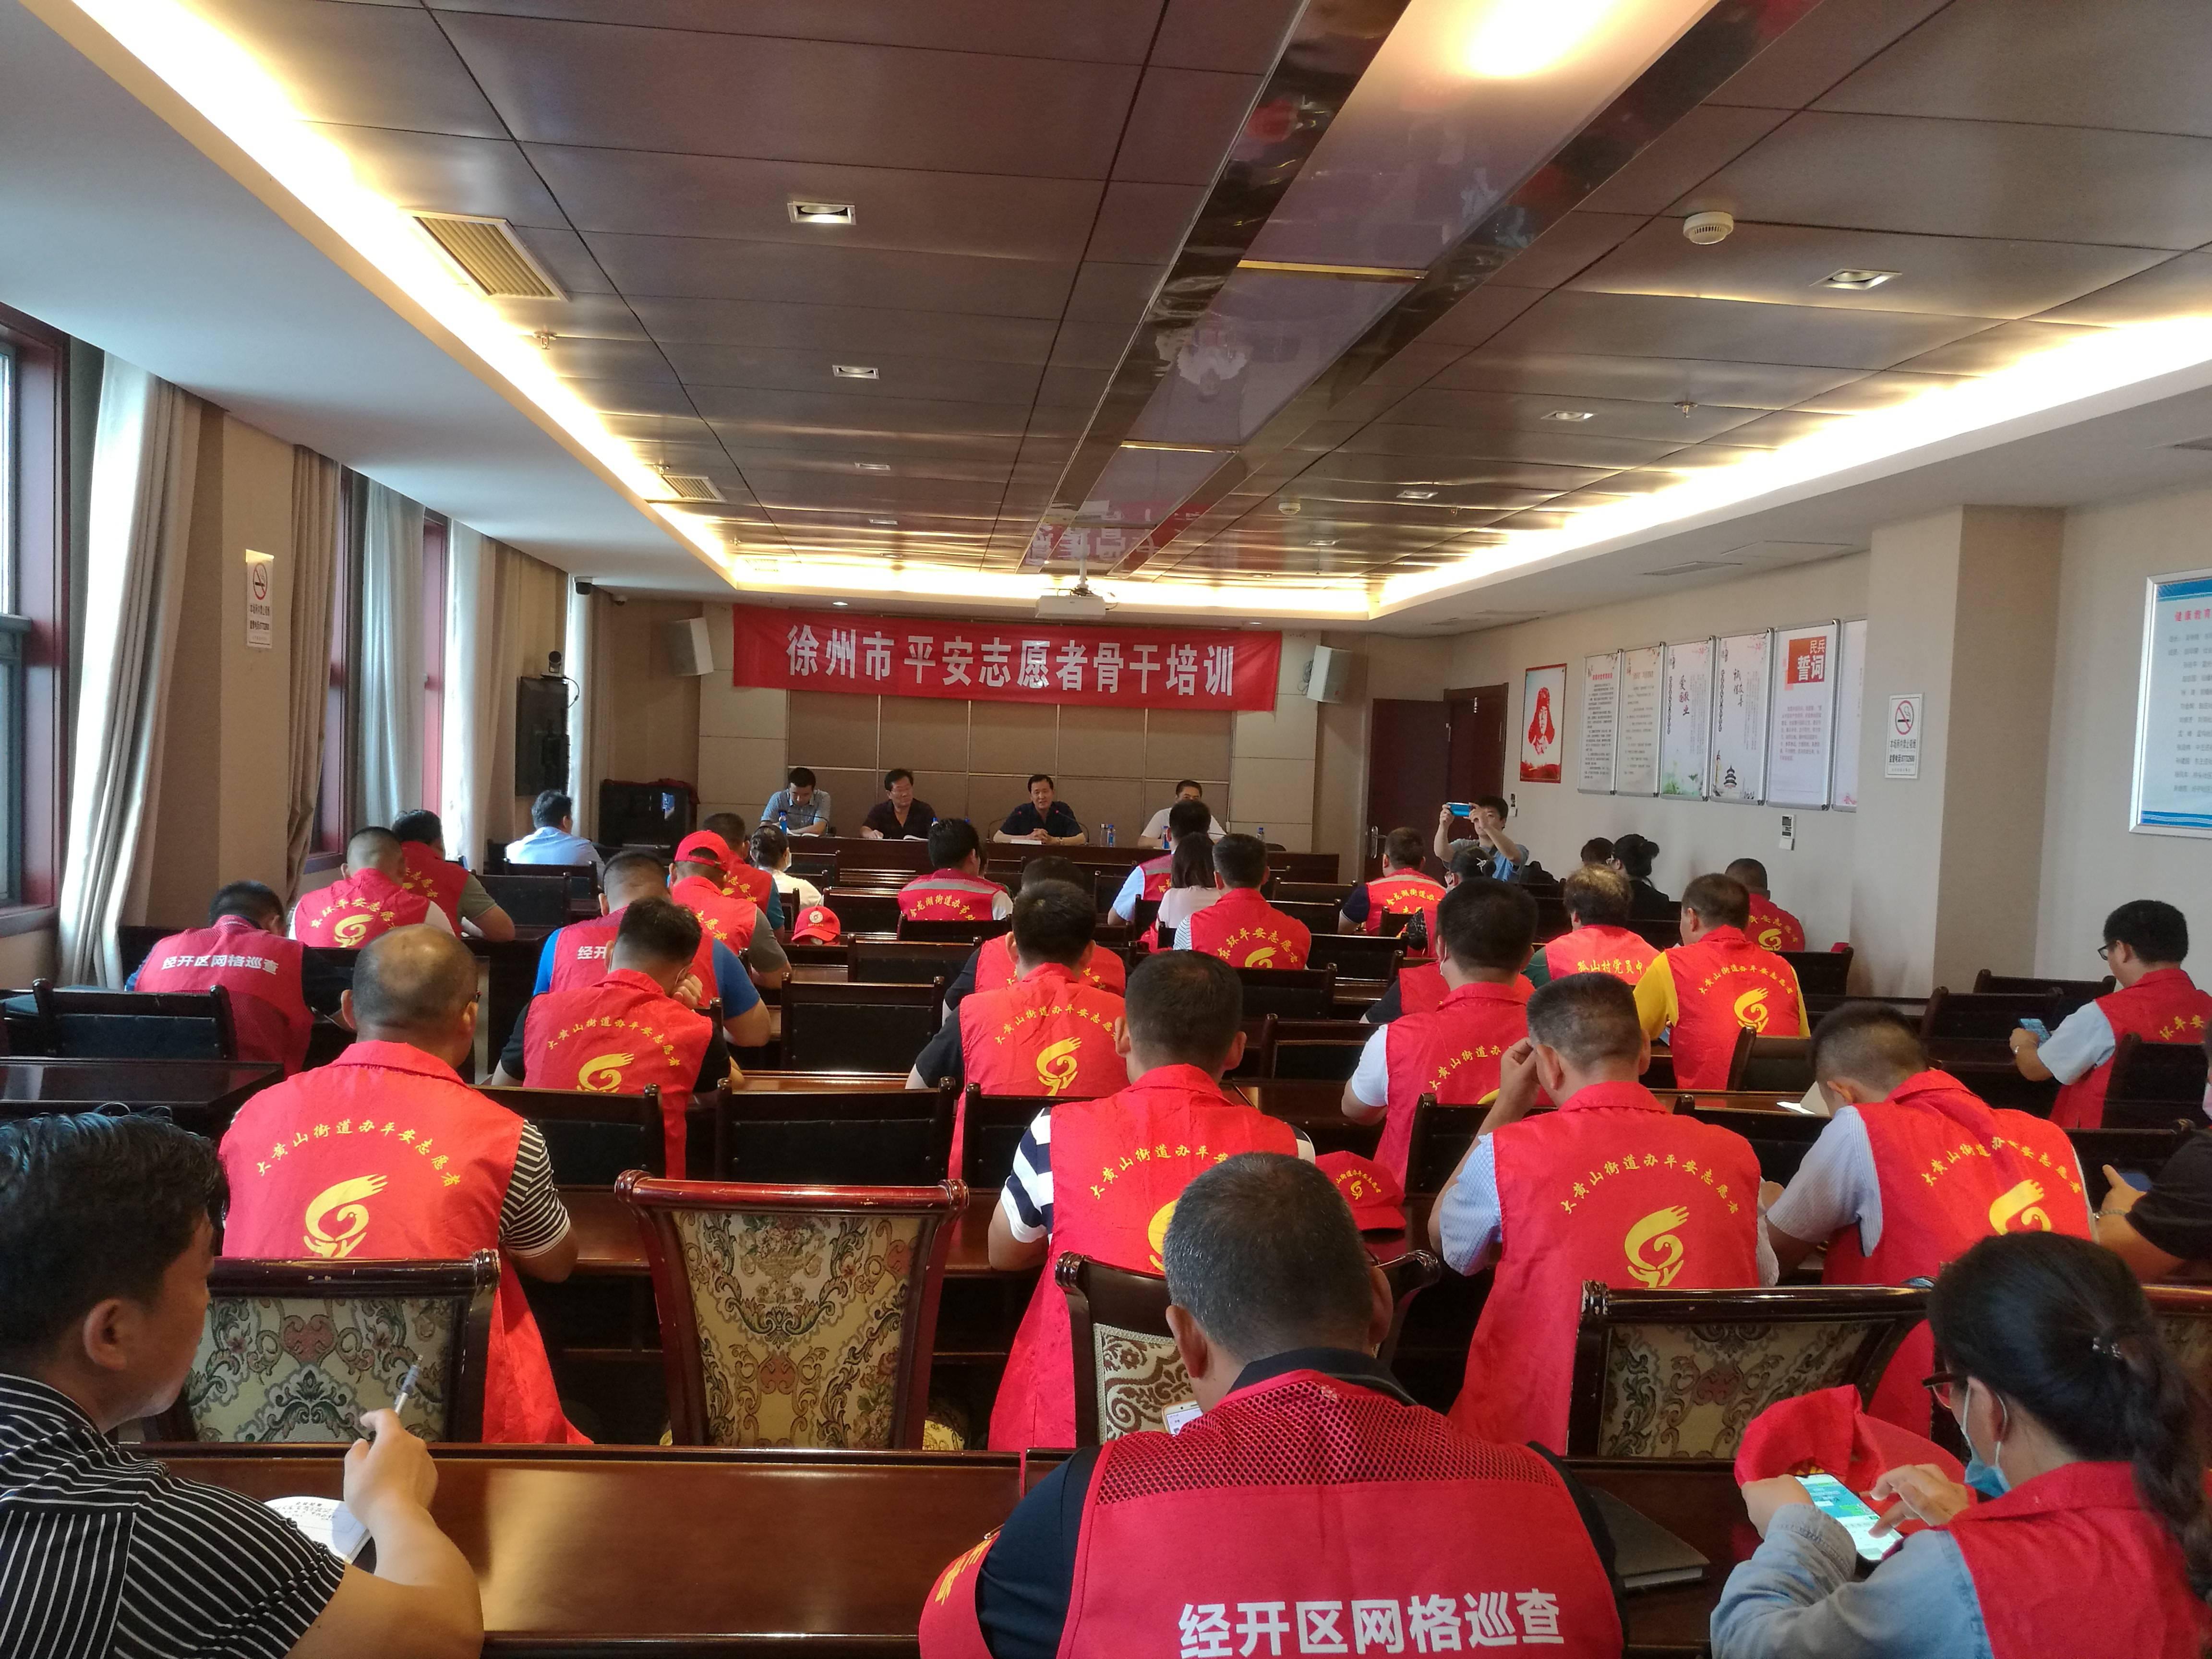 徐州市平安志愿者联合会在东环街道办事处召开骨干培训会